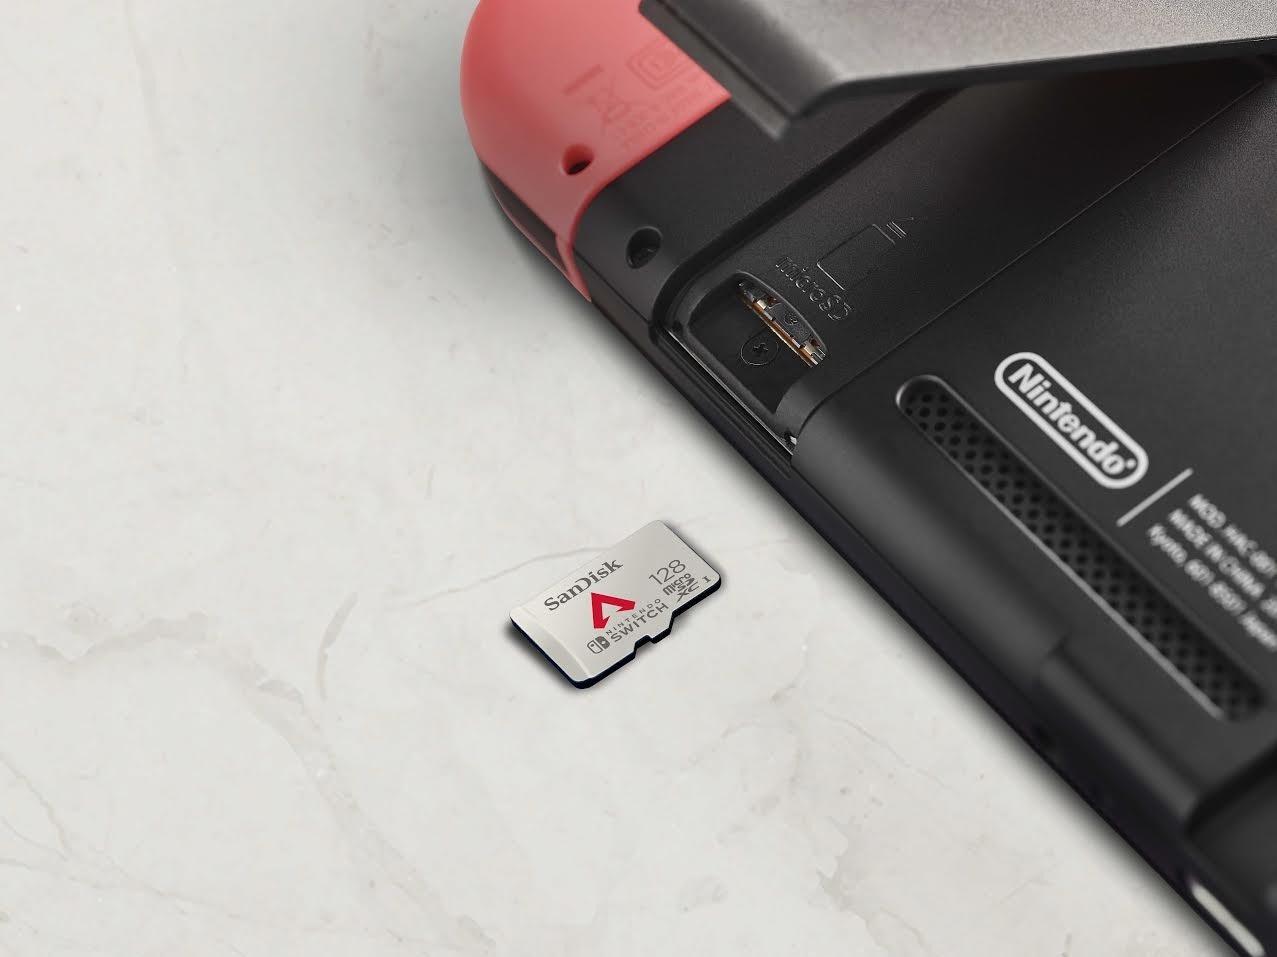 照片中提到了Nintendo、MOD NAE、WADE NOHNA,跟DigitAlb、Nintendo DS Lite有關,包含了SD卡、用於Nintendo Switch的SanDisk microSDXC卡、存儲卡、SD卡、微型SD